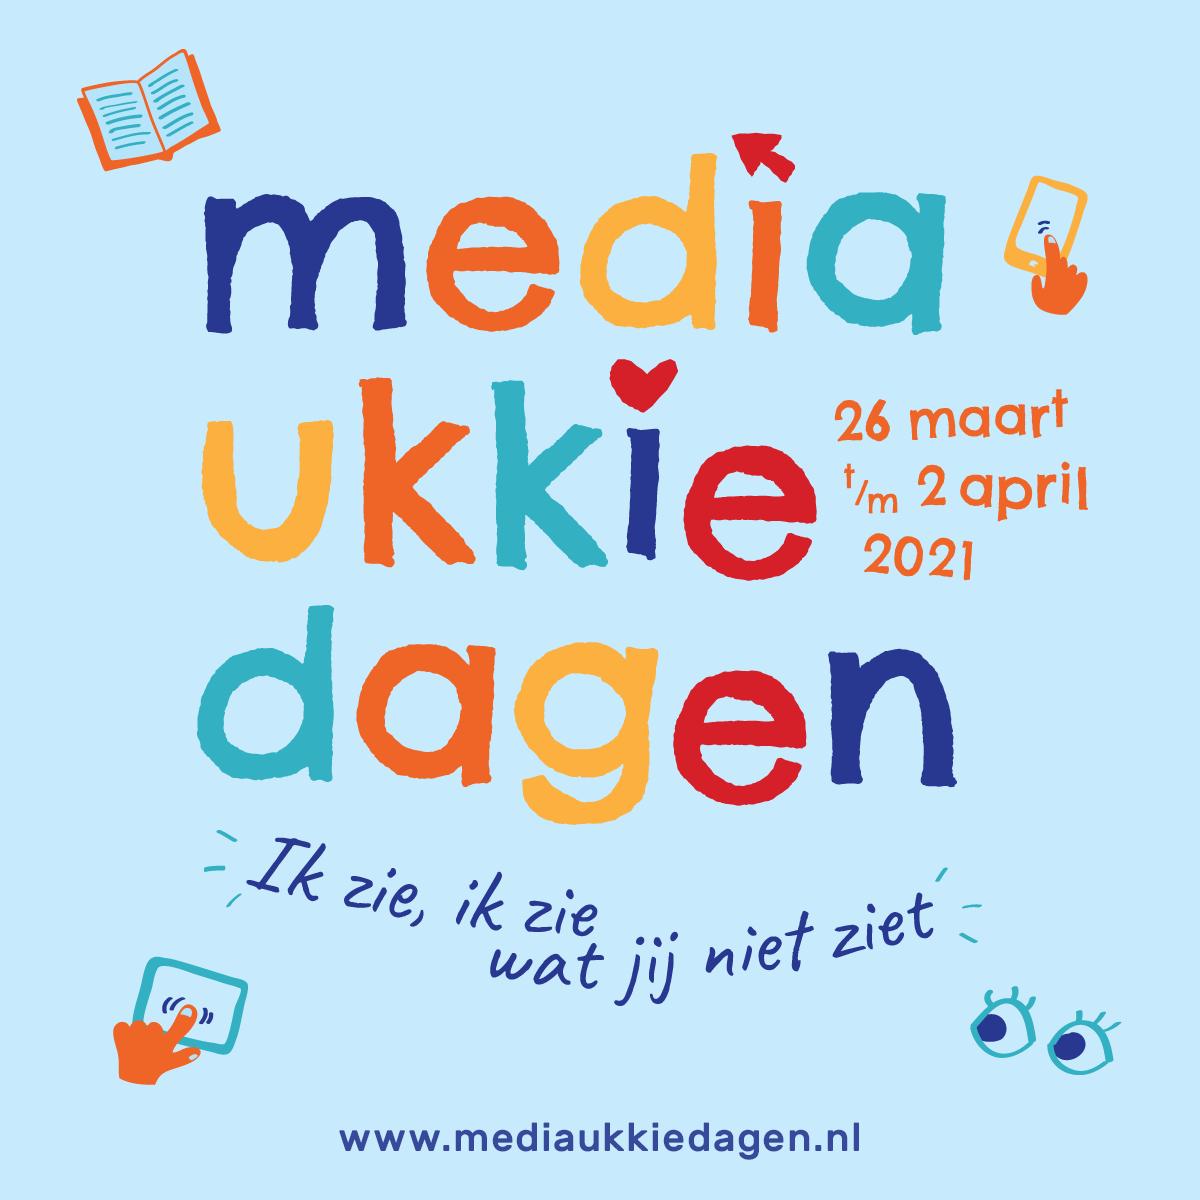 https://www.mediaukkiedagen.nl/wp-content/uploads/sites/2/2021/03/logo-Media-Ukkie-Dagen-vierkant.png